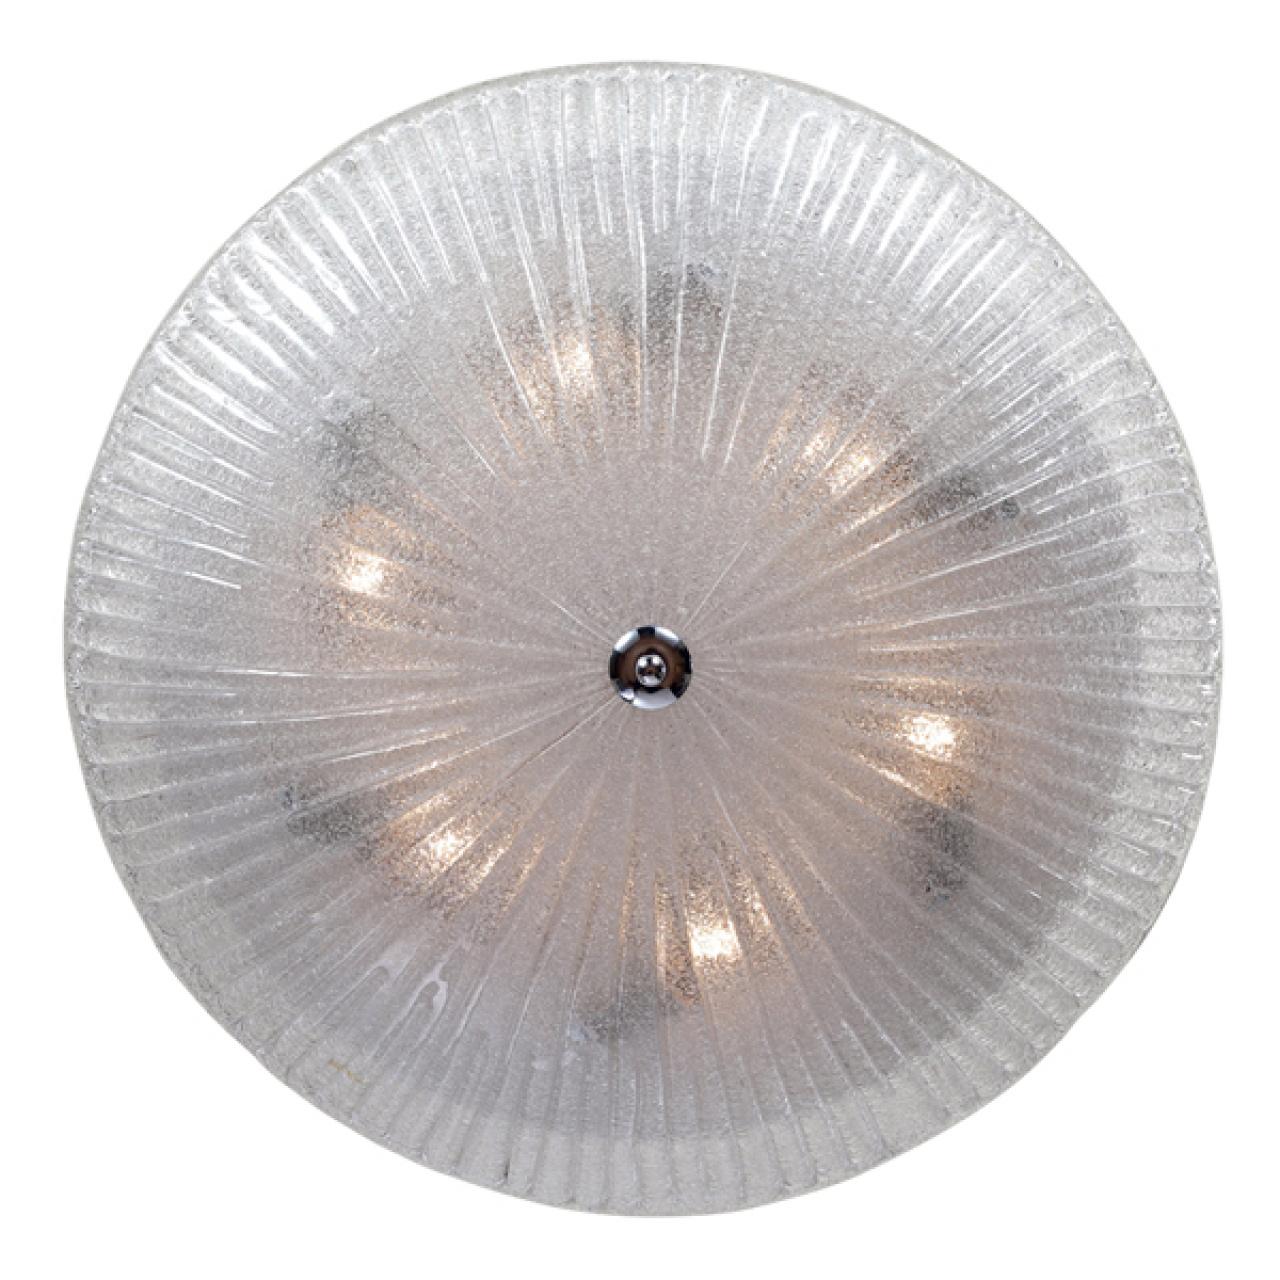 Плафон потолочный Zucche 6х60W E27 белый Lightstar 820860